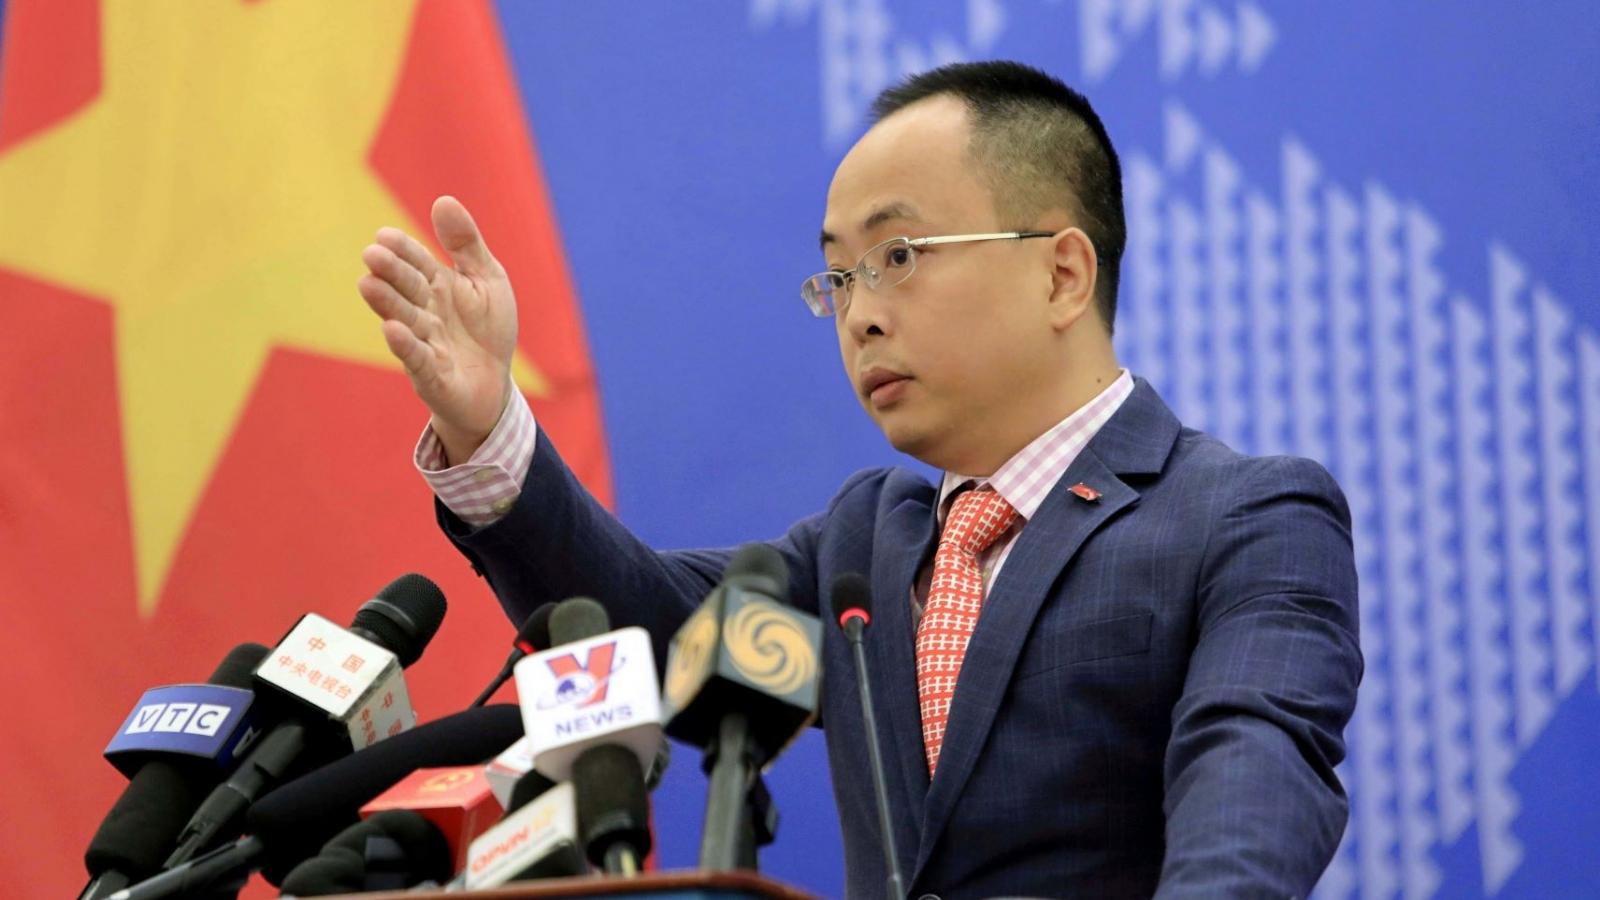 Việt Nam lên tiếng trước việc Trung Quốc đưa tàu sân bay đến Biển Đông